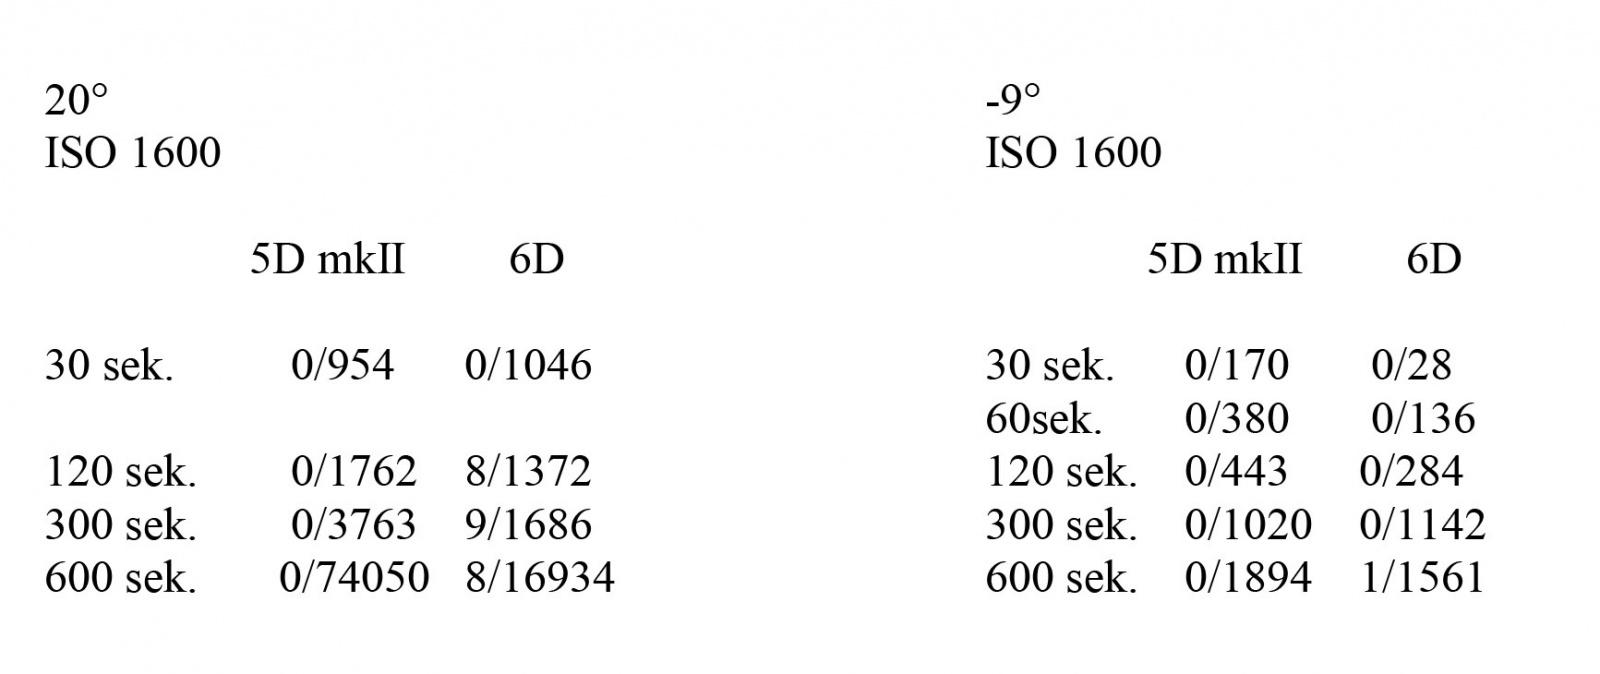 test 5d 6d.jpg